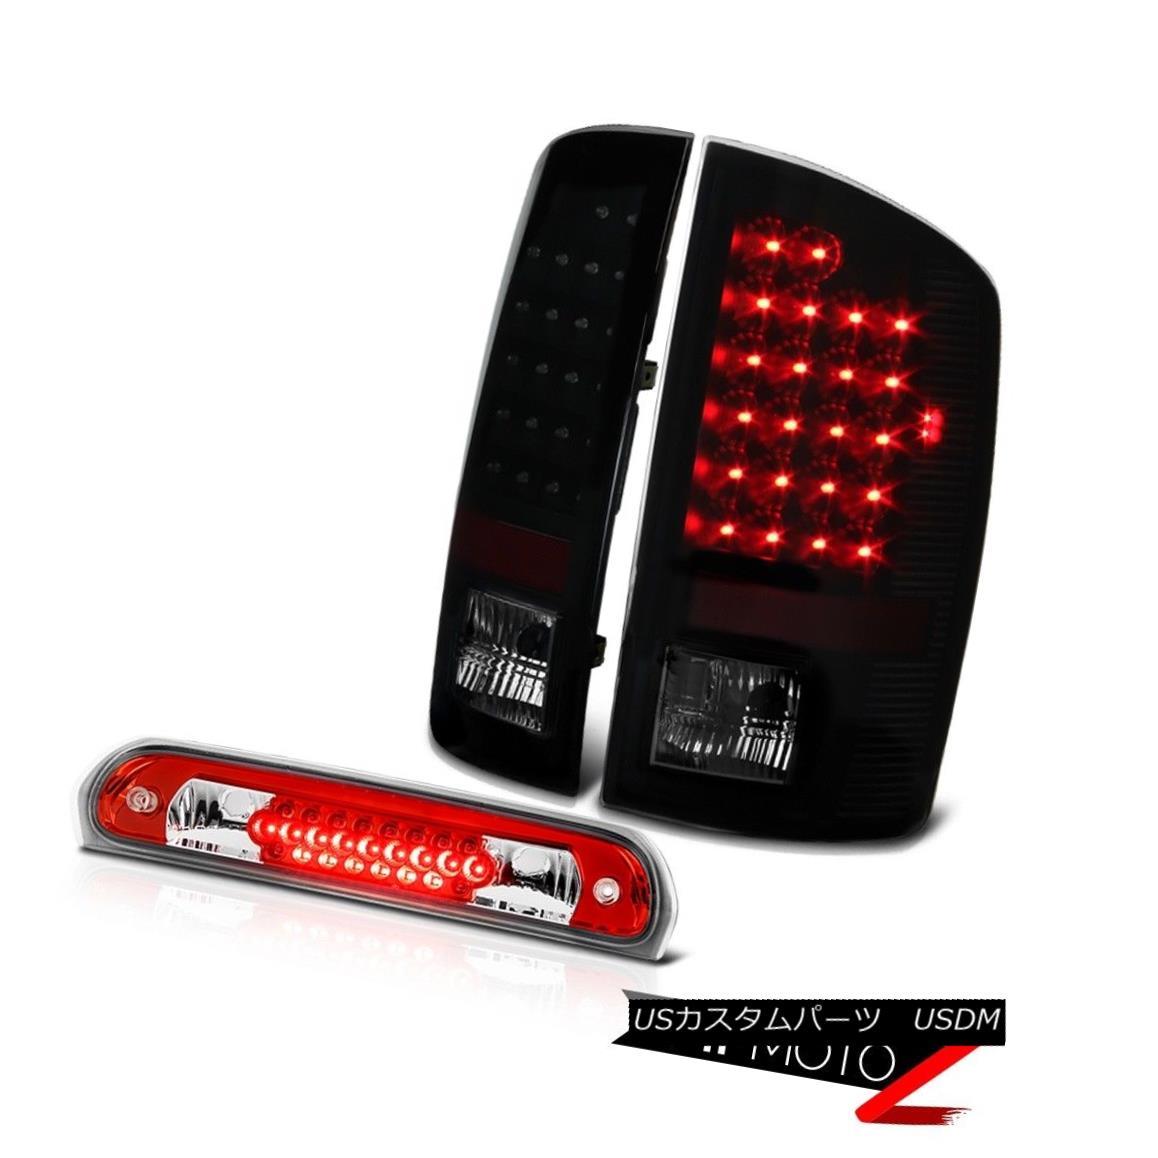 テールライト Philip SuperFlux LED Tail Lights High Brake Cargo Lamps 02 03 04 05 Ram 3500 Philip SuperFlux LEDテールライトハイブレーキ貨物ランプ02 03 04 05 Ram 3500